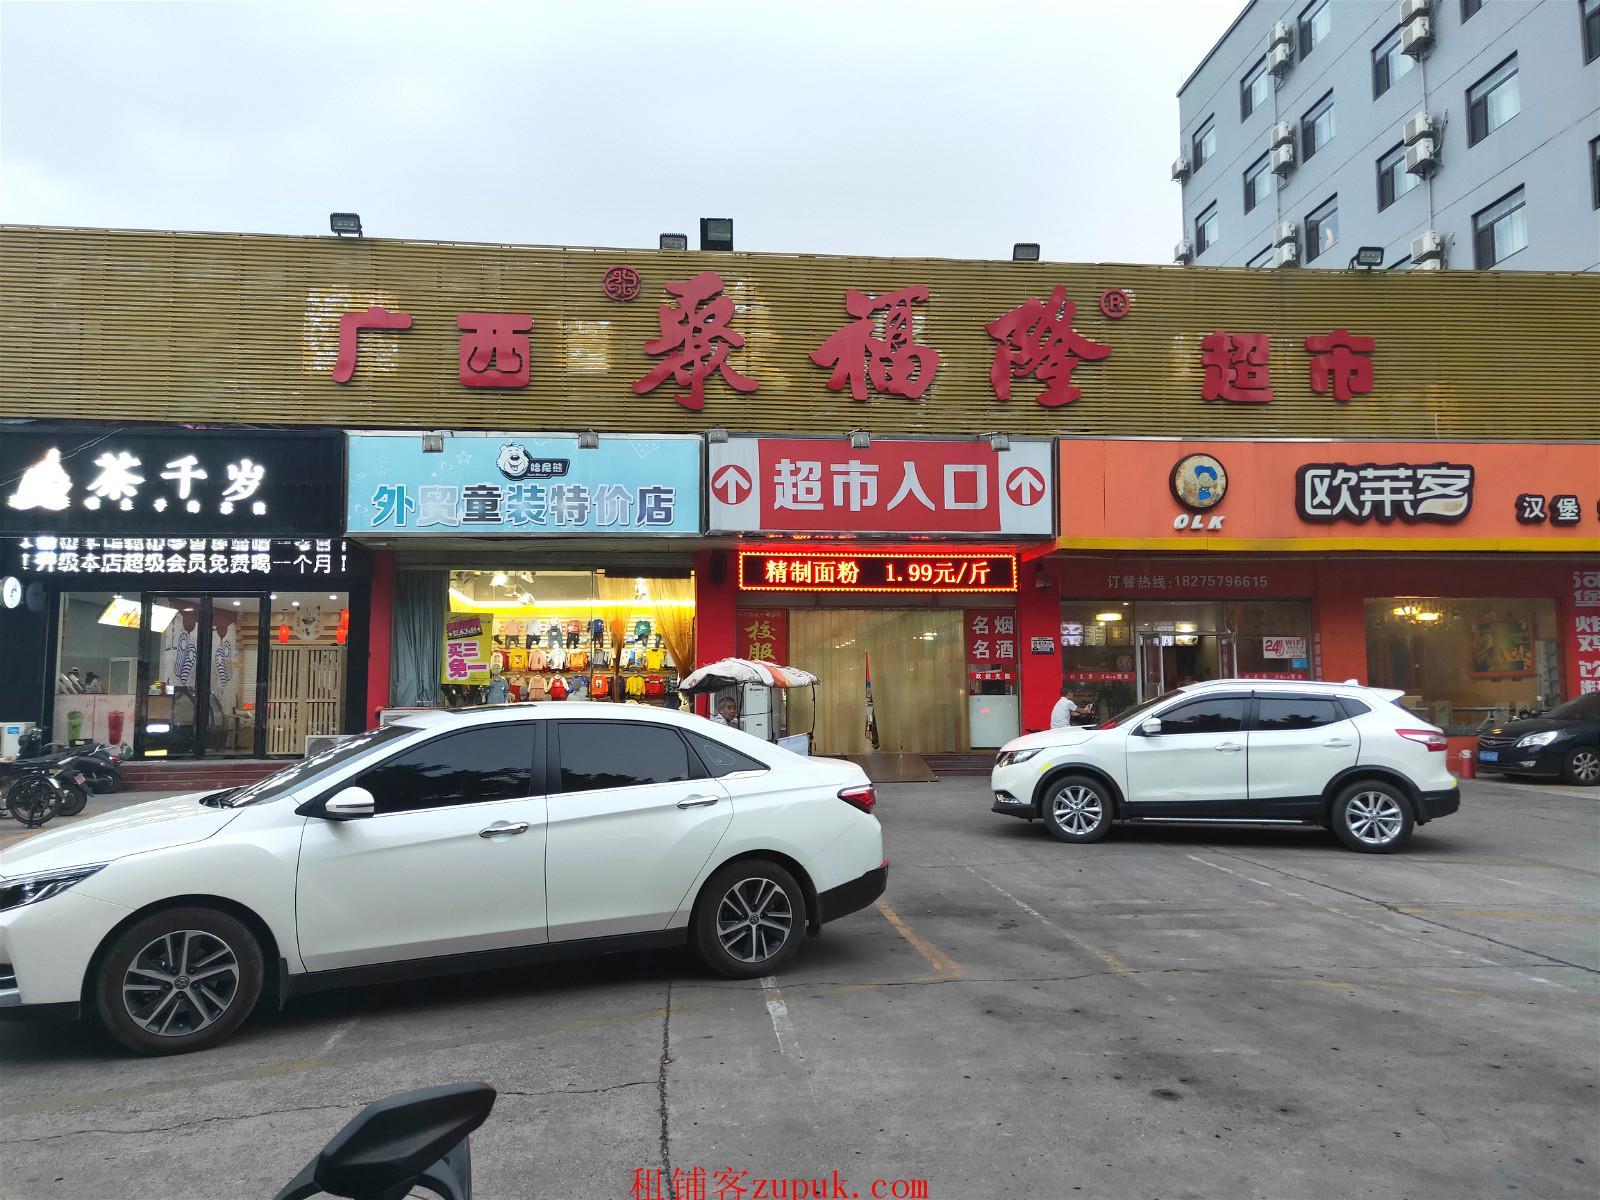 广西理工旁80平临街品牌奶茶店整体转让